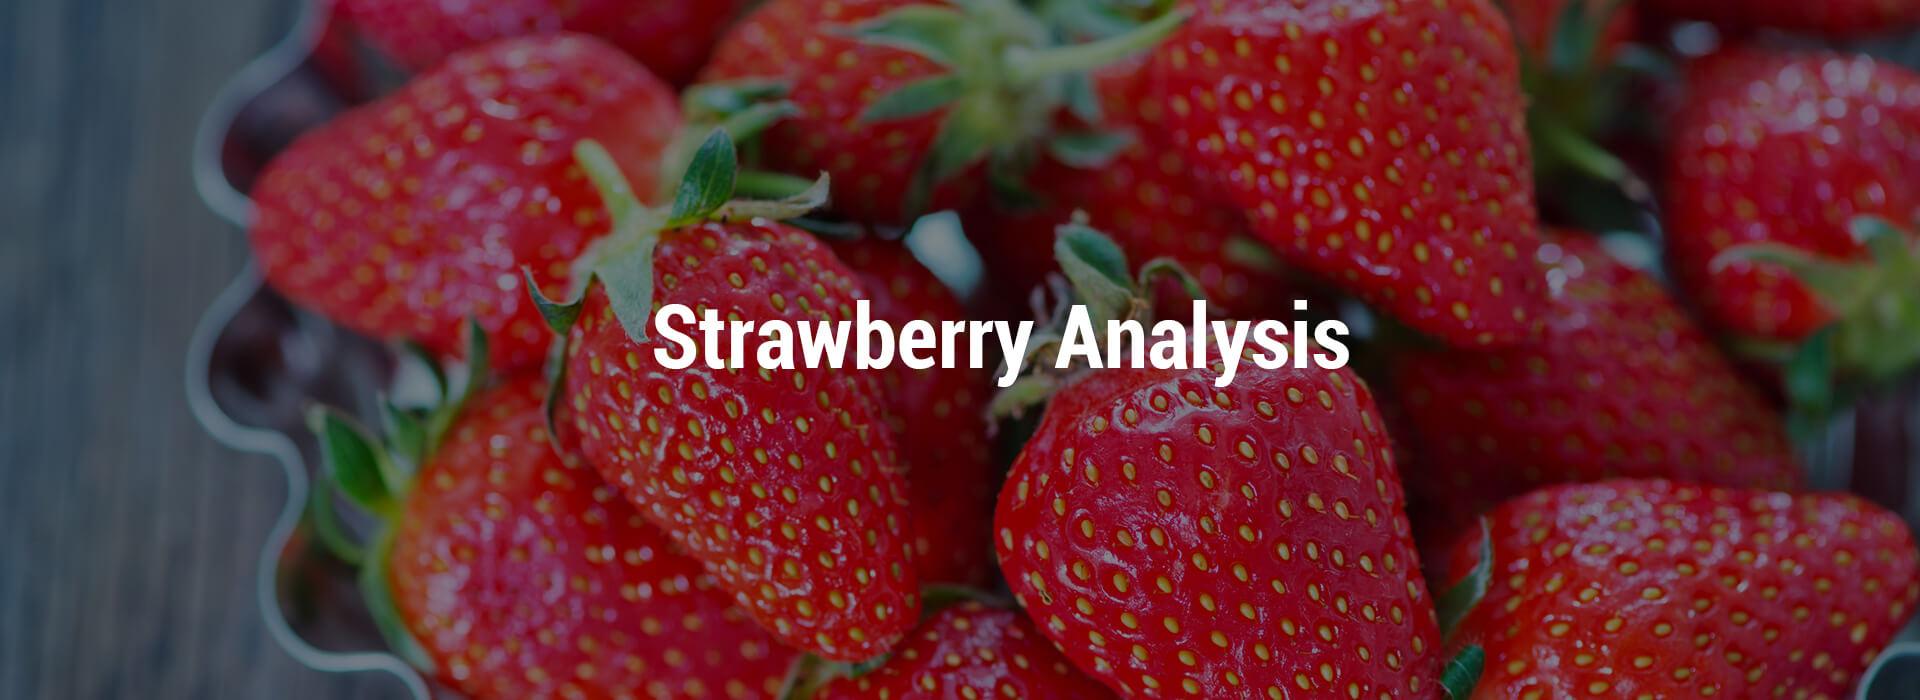 HS-strawberry-header